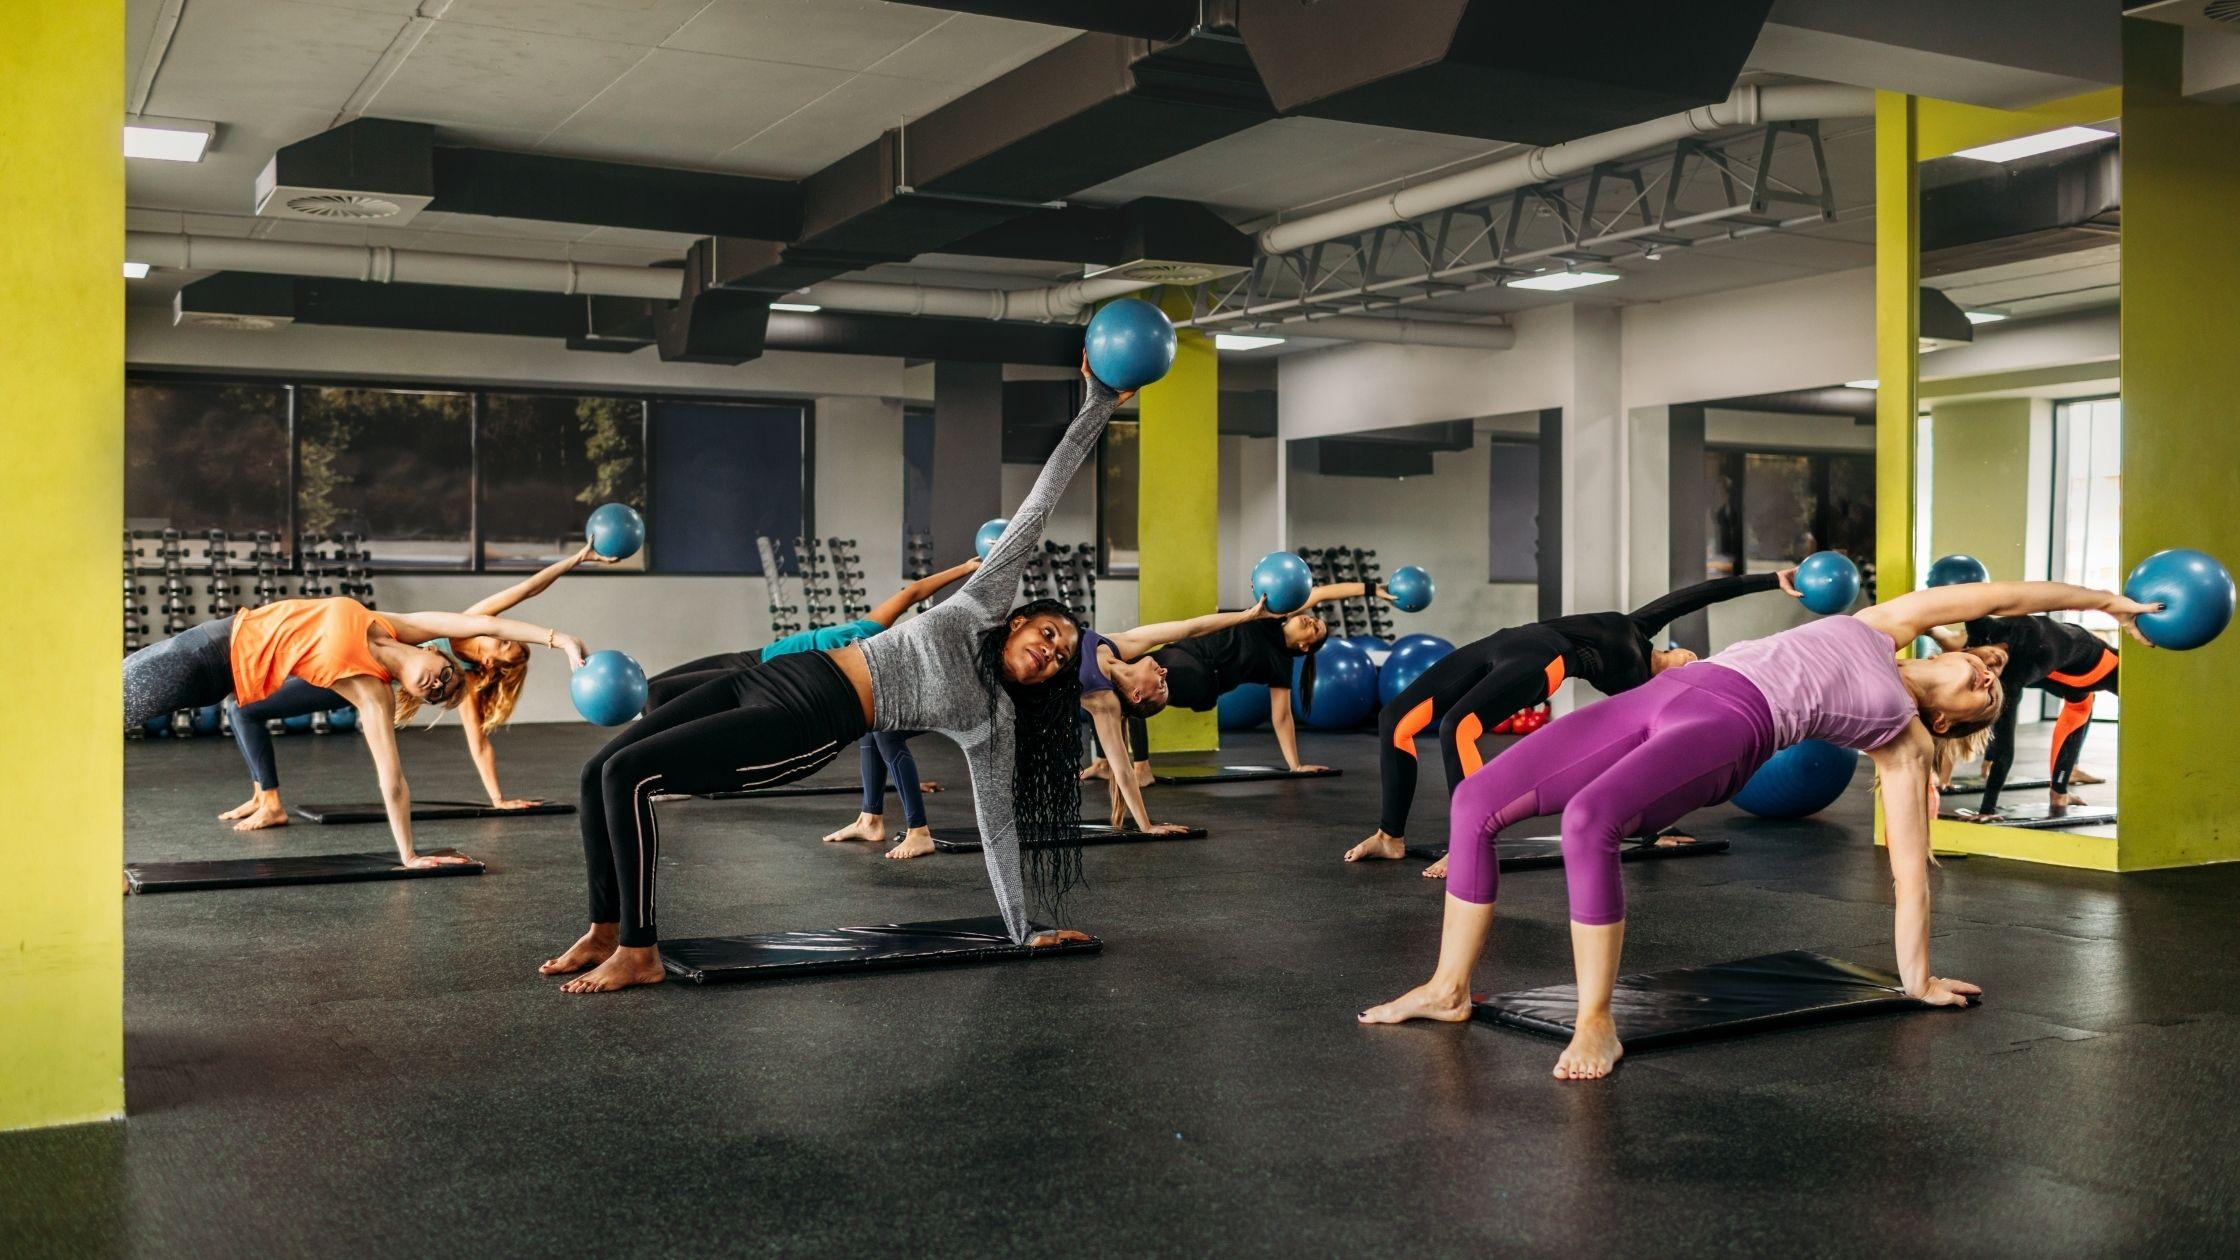 Tevreden klanten in pilates studio